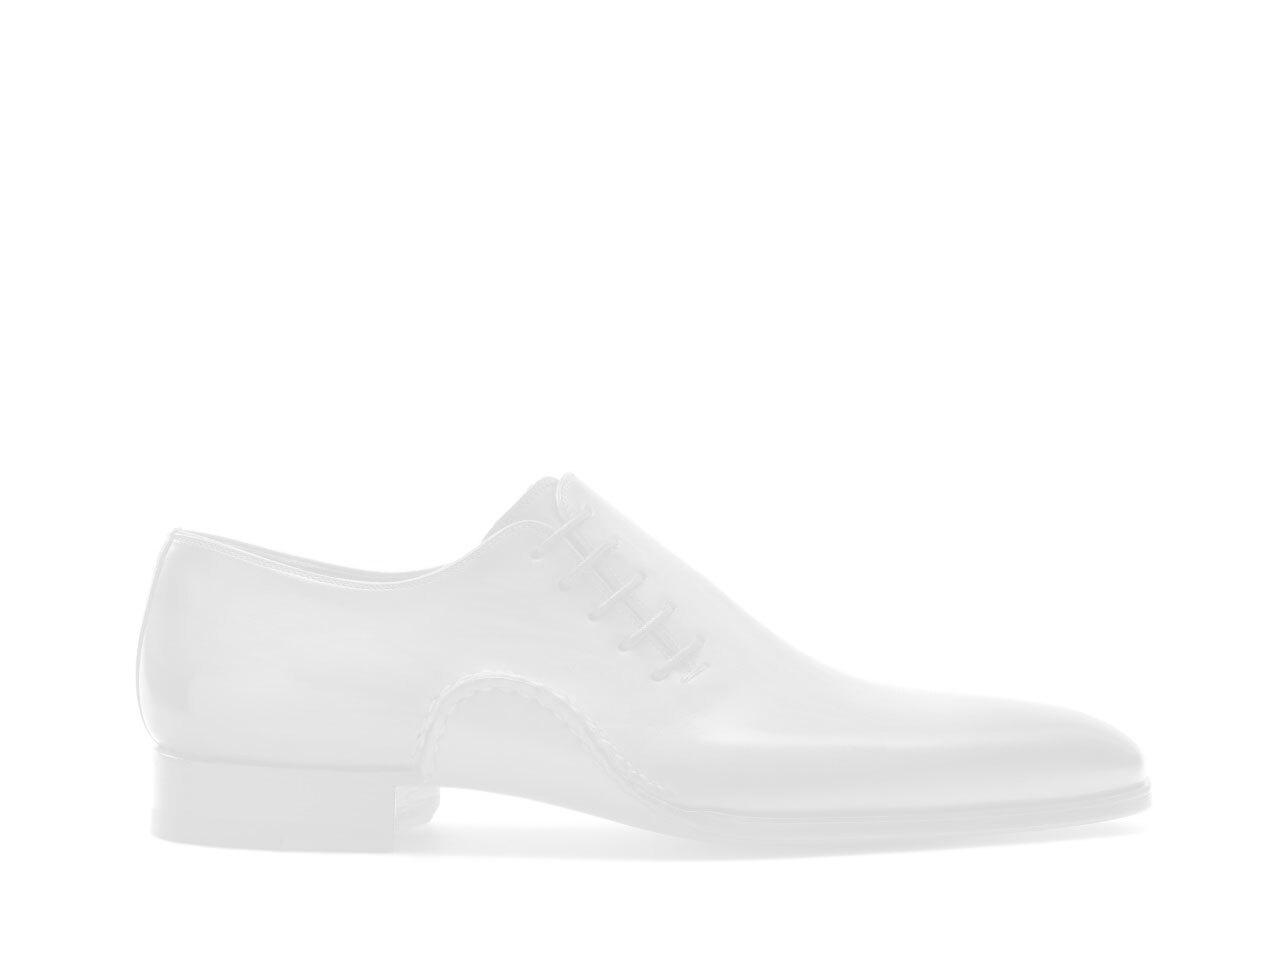 Pair of the Magnanni Lennon Black Men's Single Monk Strap Shoes